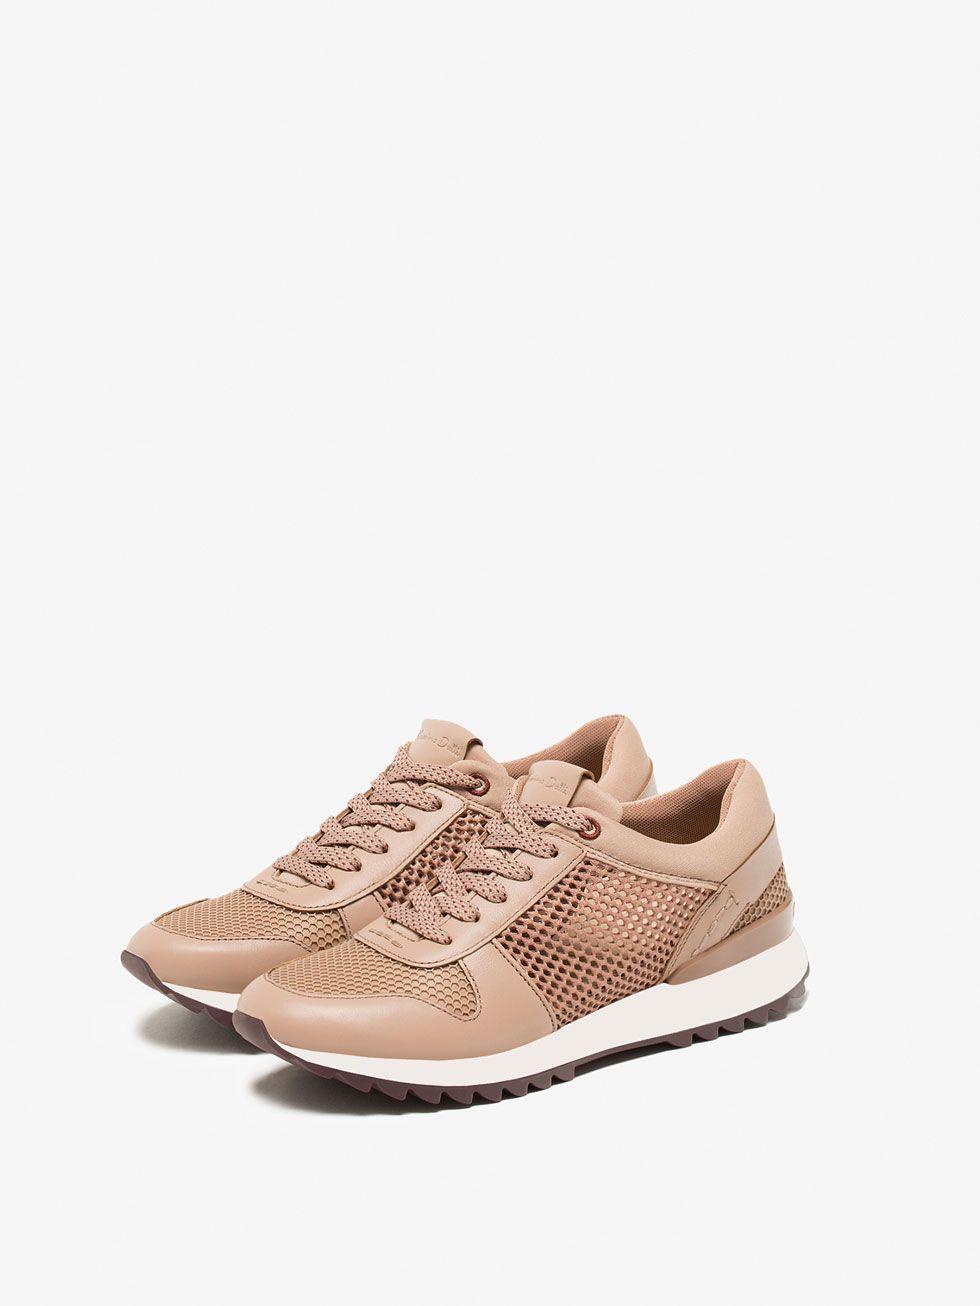 506bff97a4a2 Zapatos - MUJER - Massimo Dutti España | D R E A M S H O E S en 2019 ...